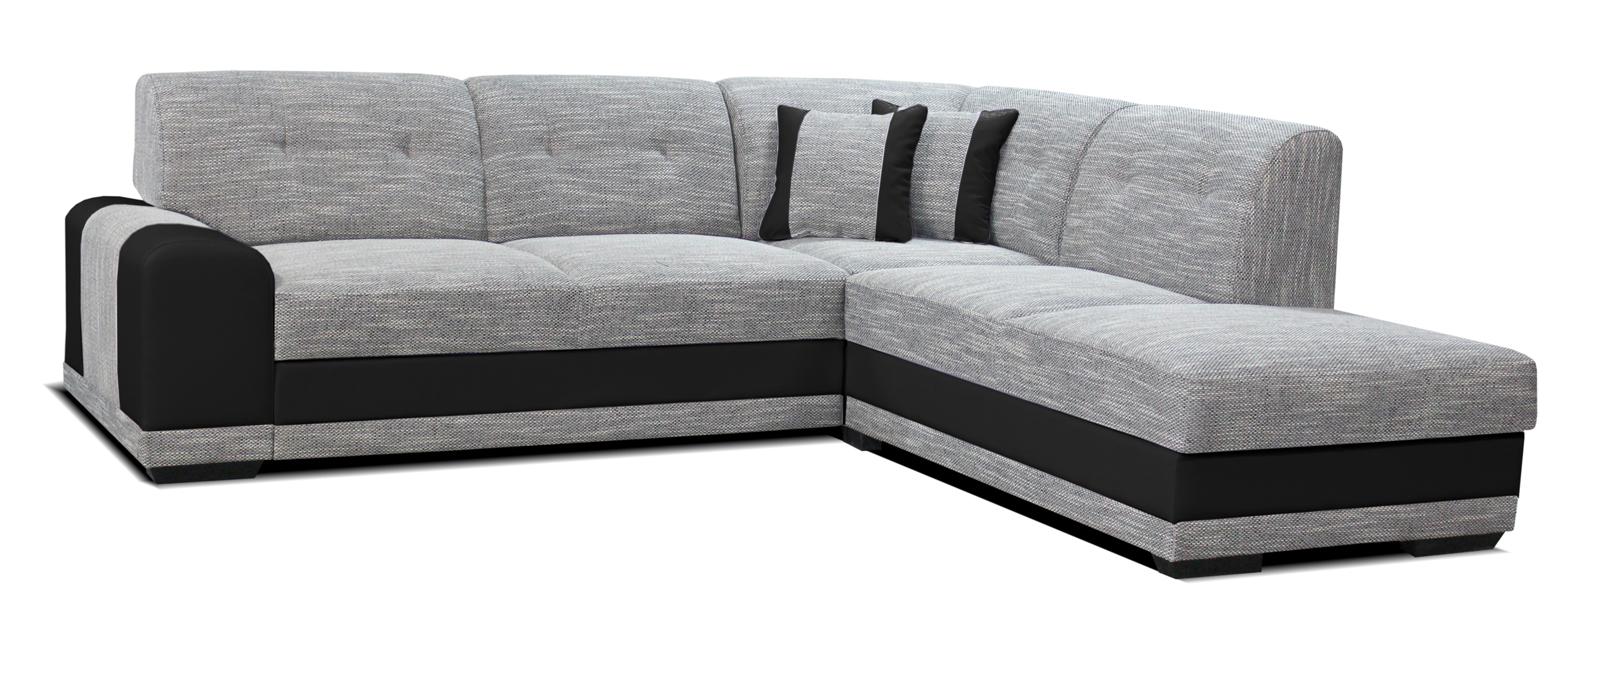 Rohová sedací souprava - Po-Sed - Bella Lux 2F+L (šedá + černá) (P)